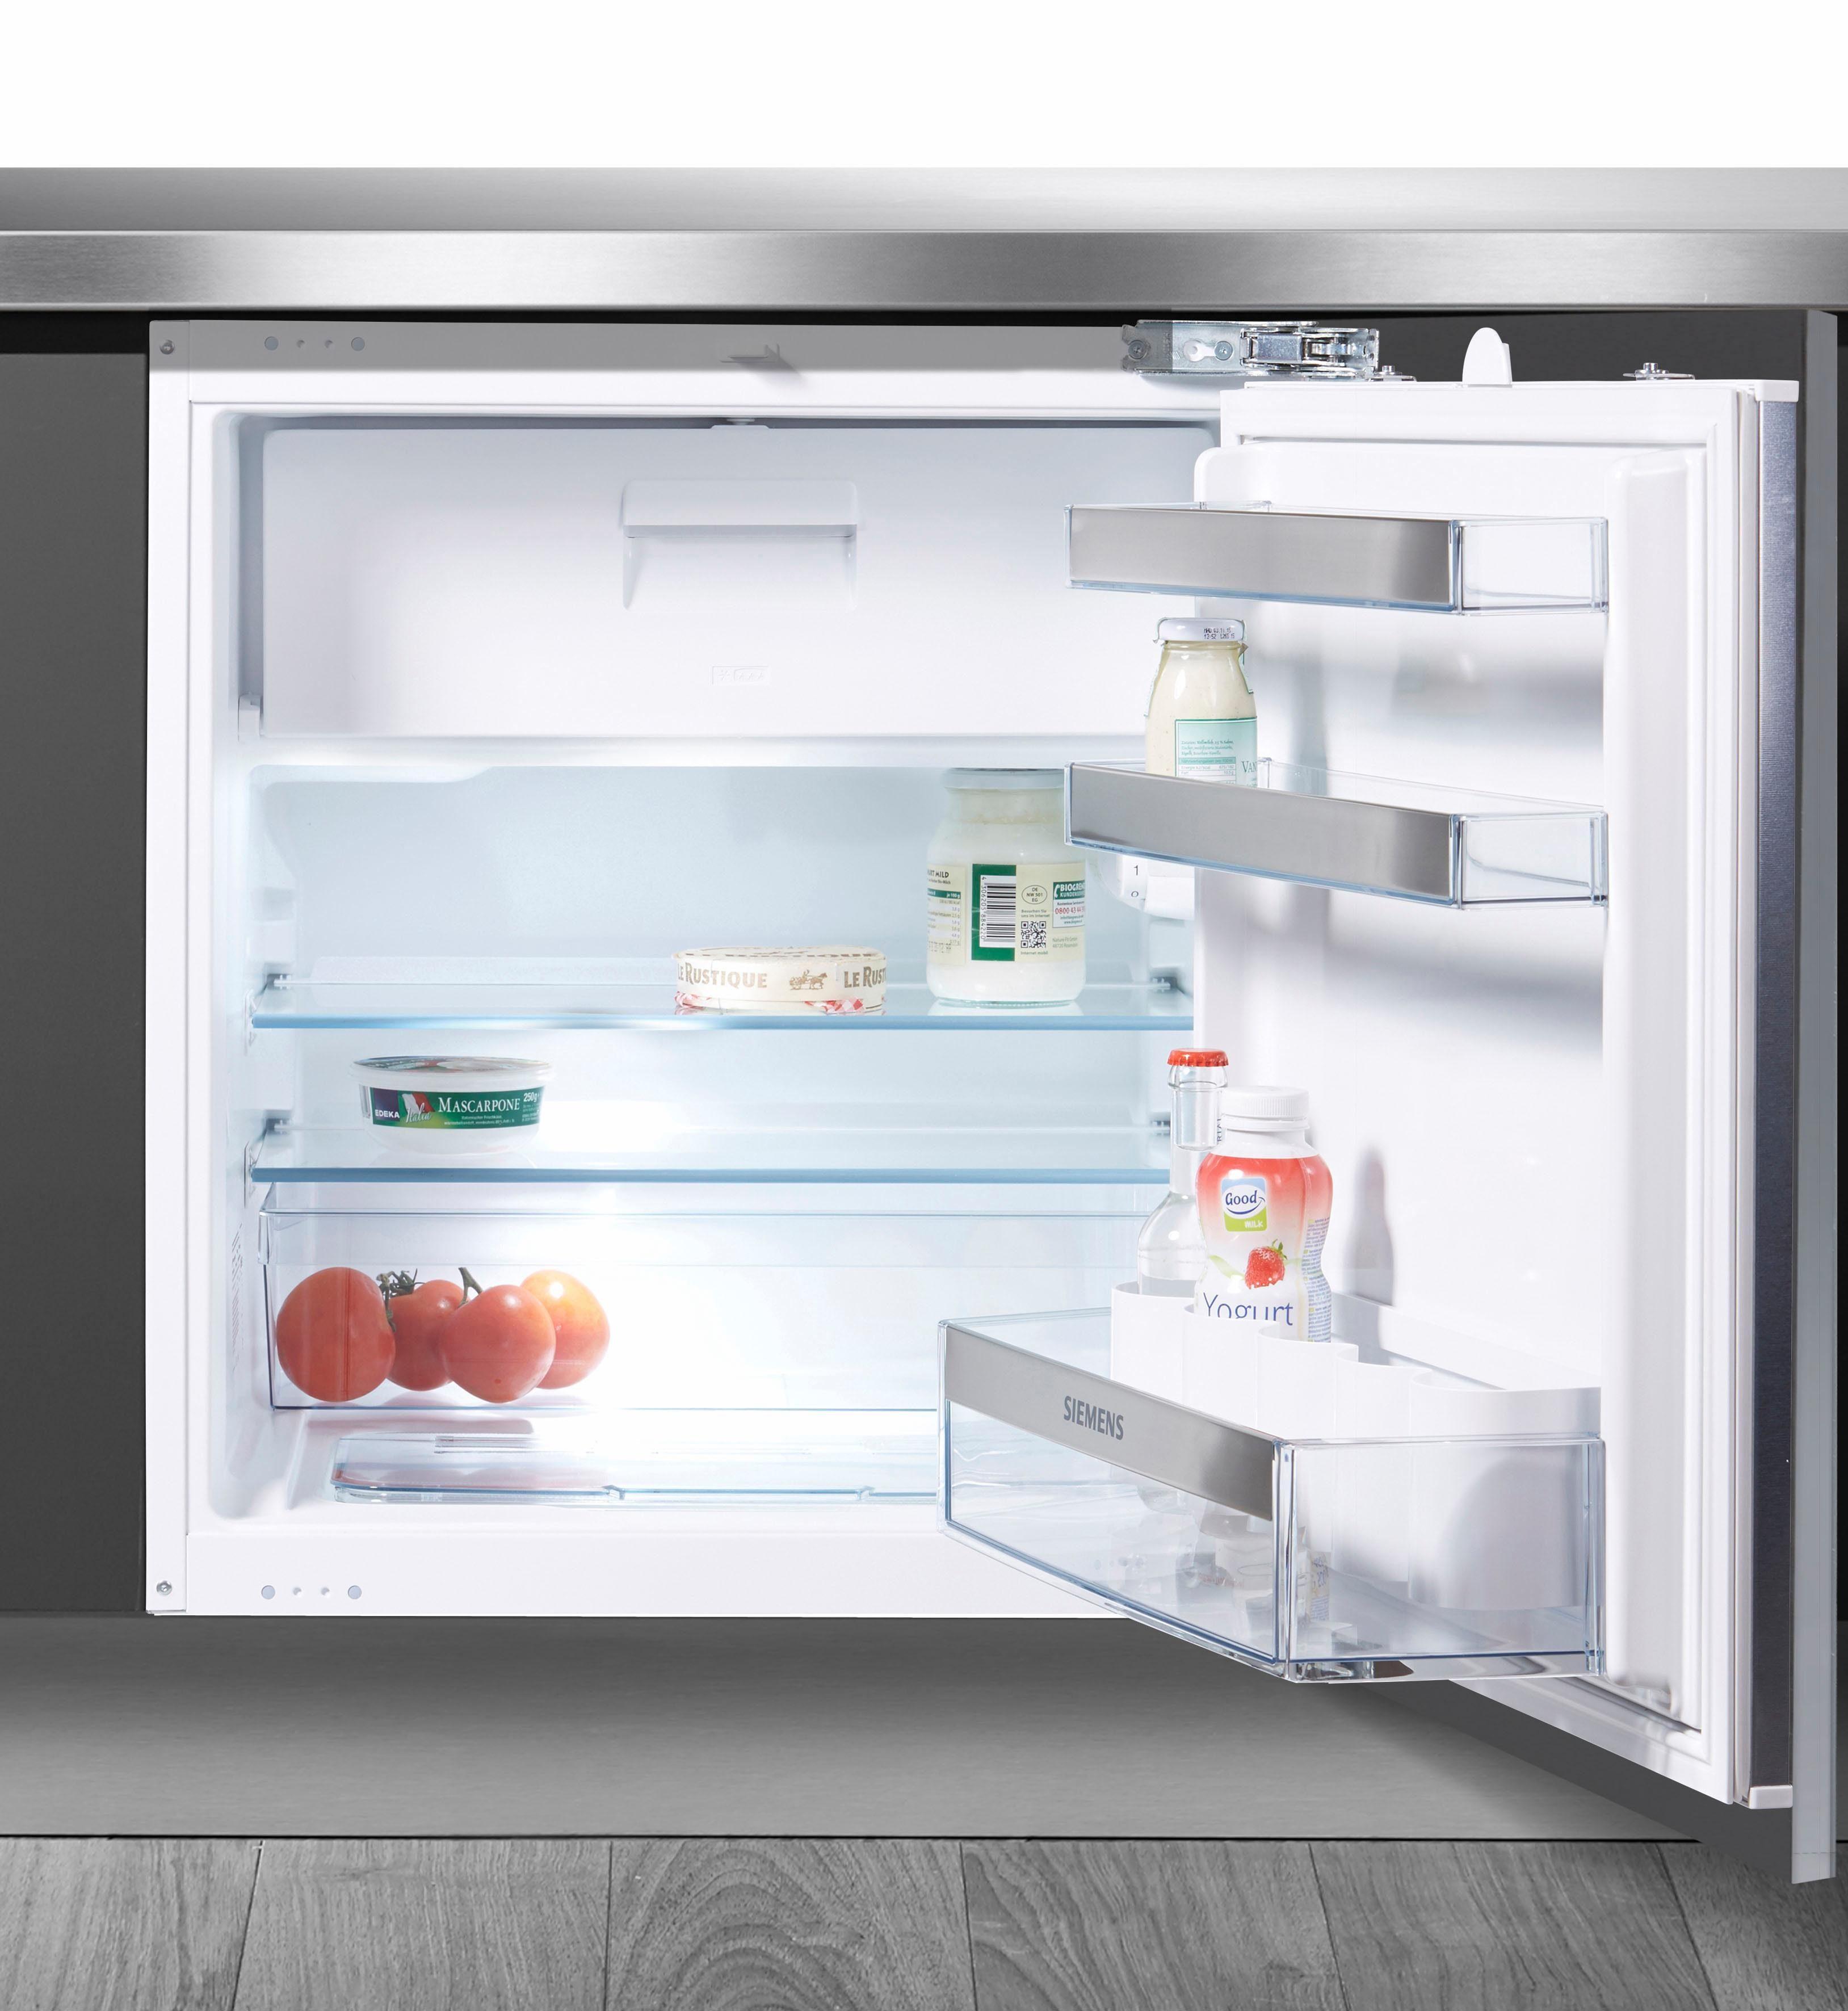 SIEMENS Einbaukühlschrank KU15LA65, 82,0 cm hoch, 59,8 cm breit, Energieklasse A++, 82 cm hoch, Unterbau